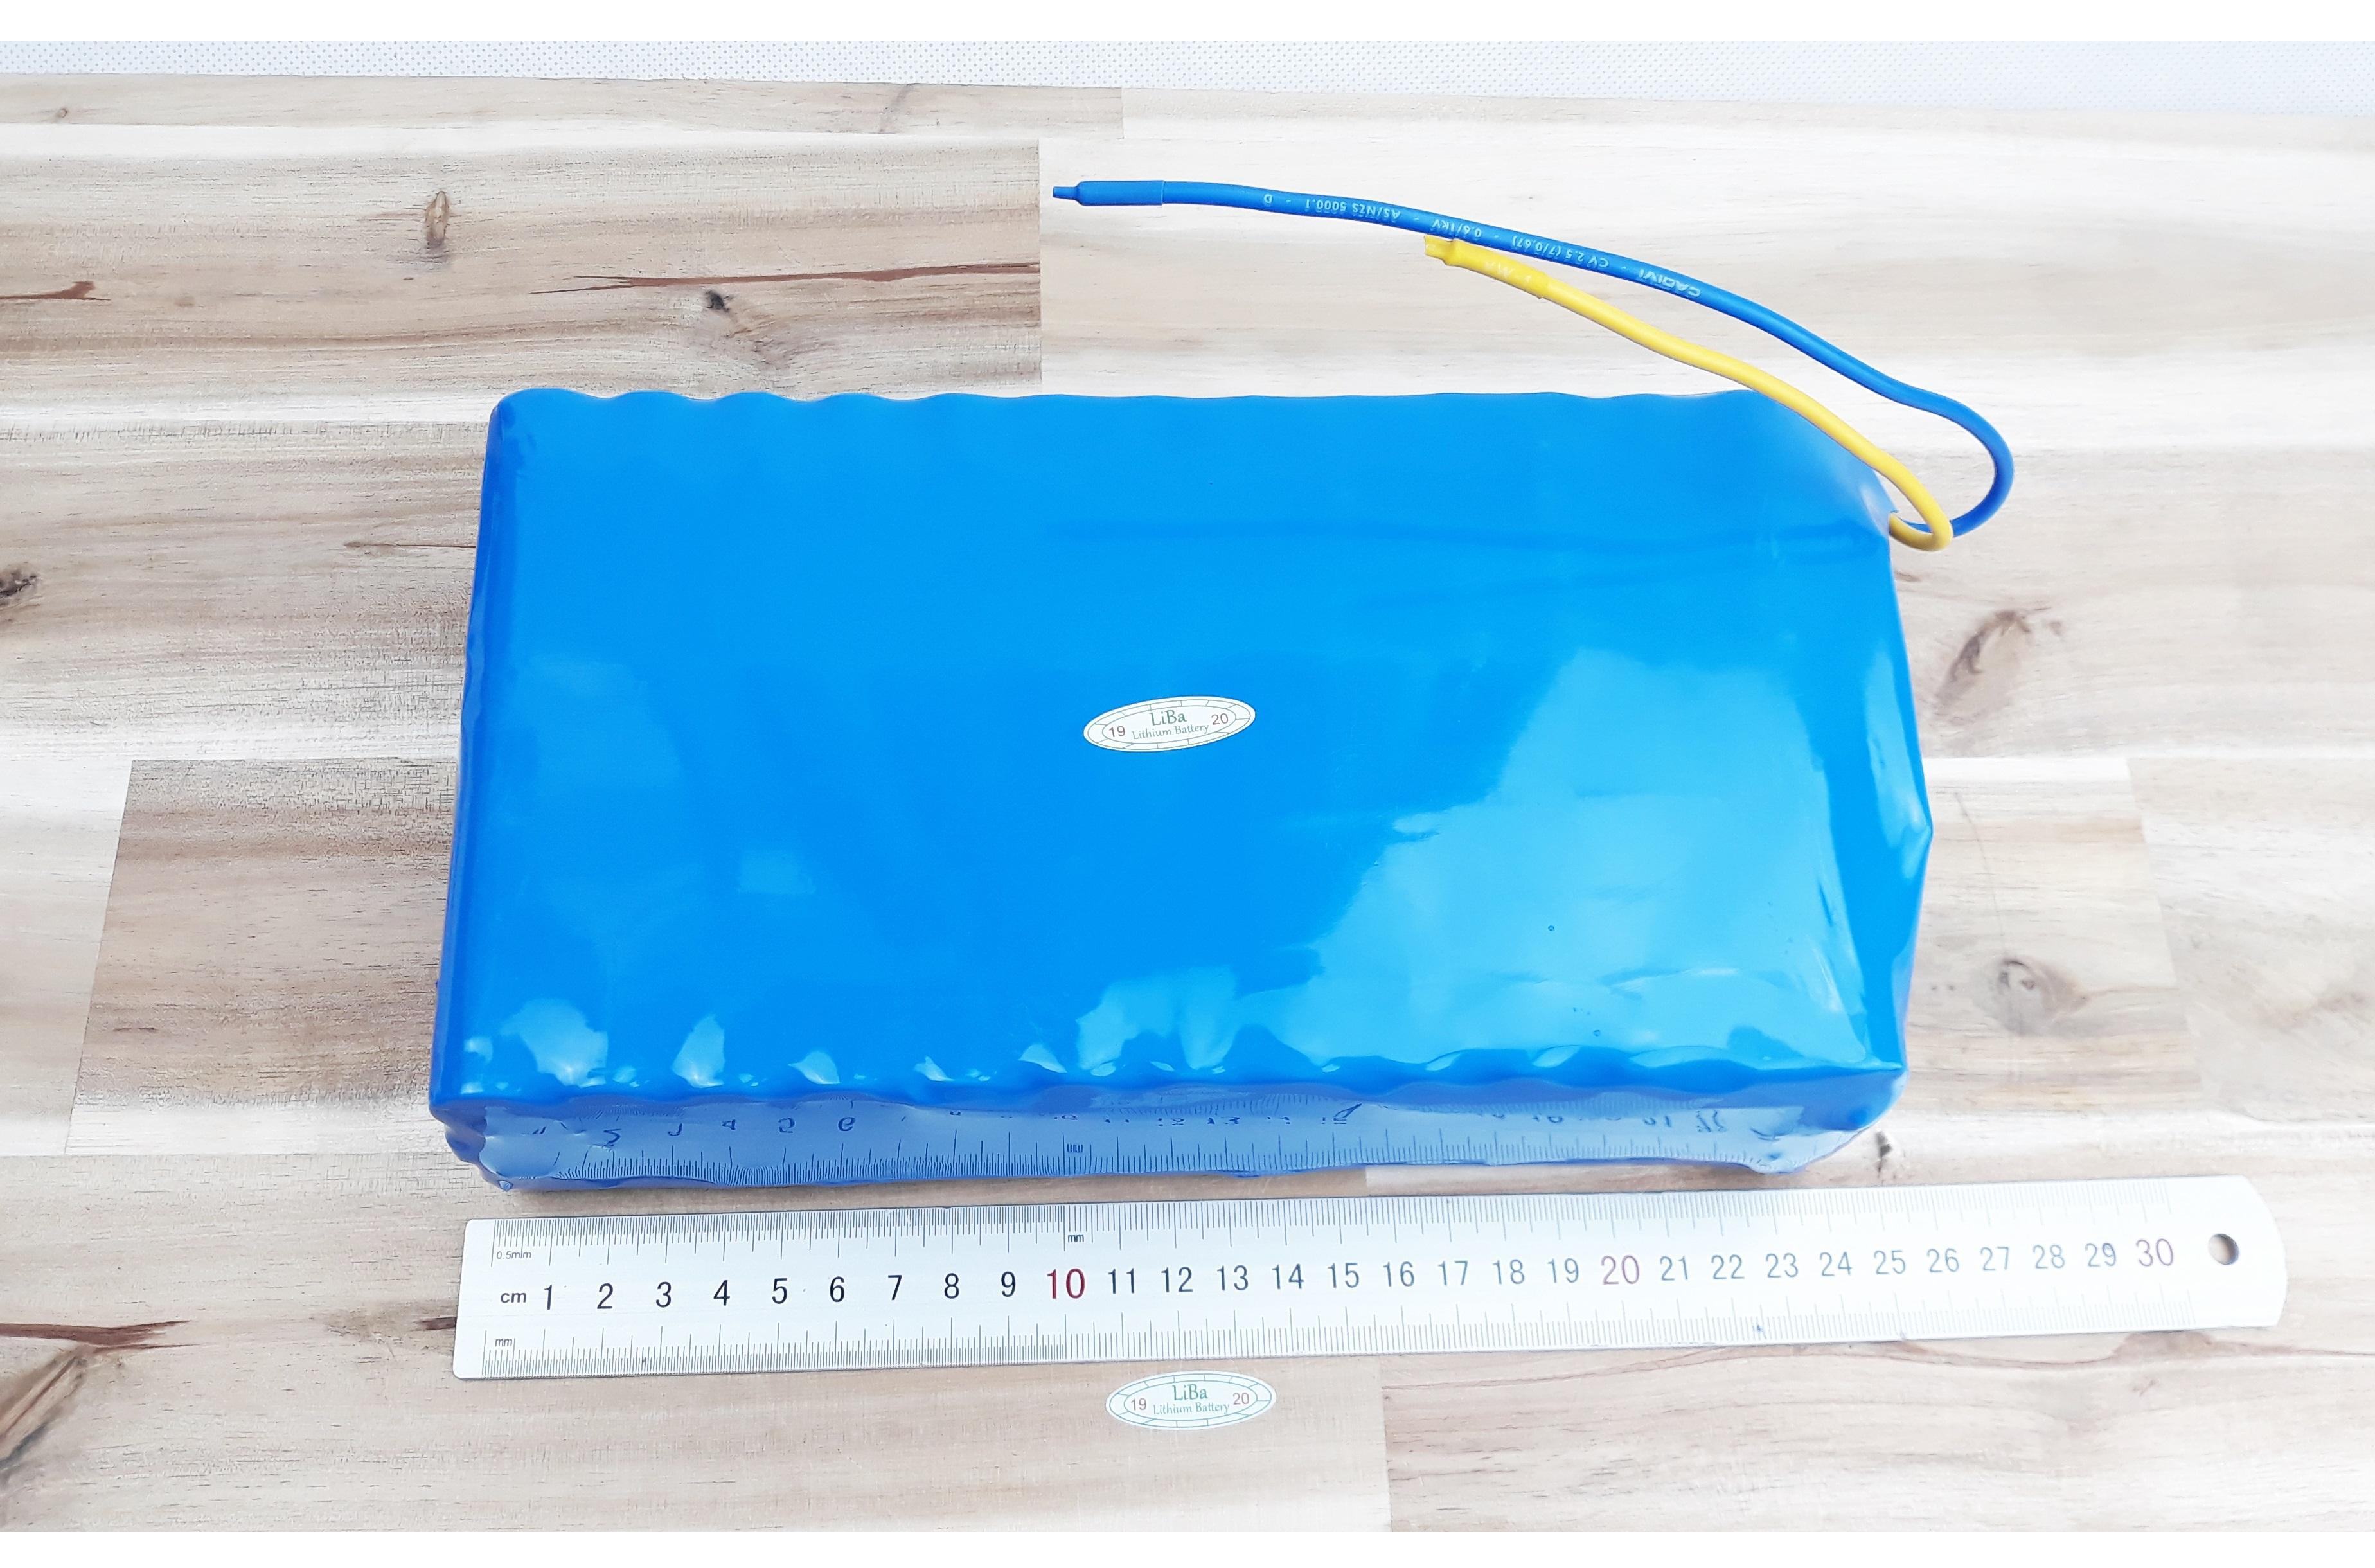 Pin Xe Đạp Điện 48V - 12Ah, 16Ah, Lưu Trữ Điện Thay Bình Acquy